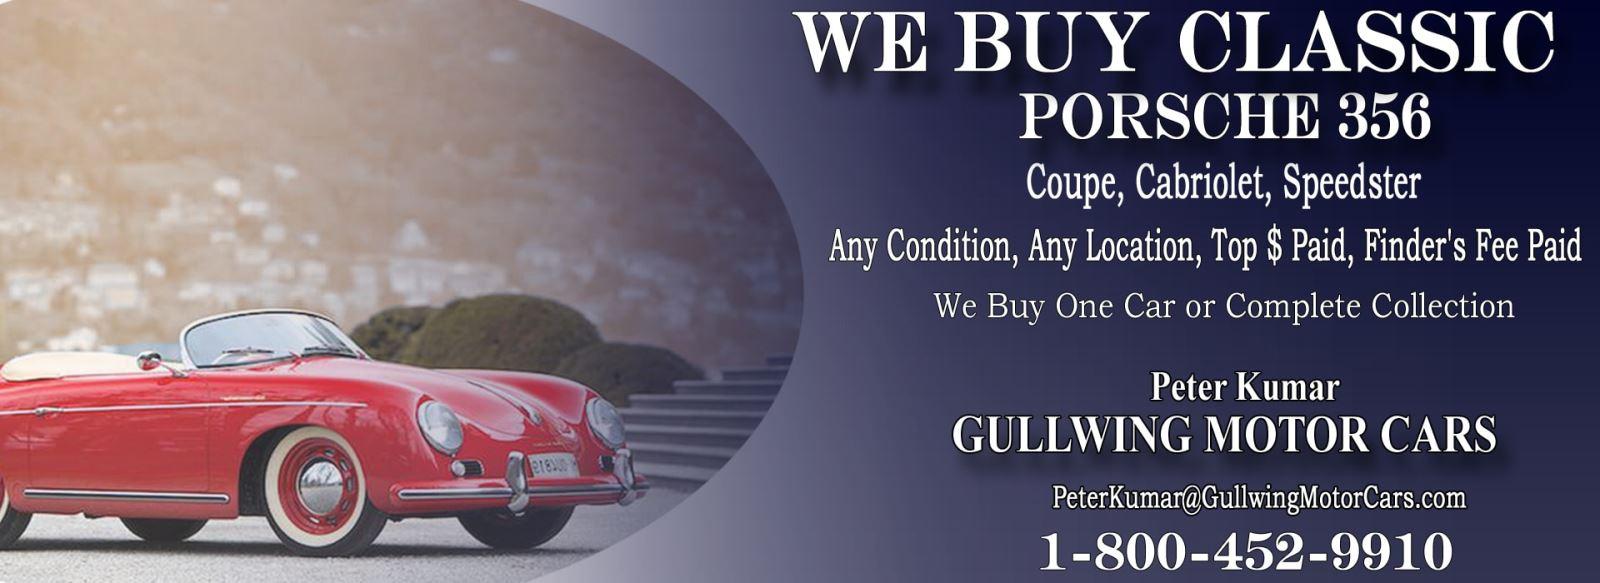 Classic Porsche 356 for sale, we buy vintage Porsche 356. Call Peter Kumar. Gullwing Motor